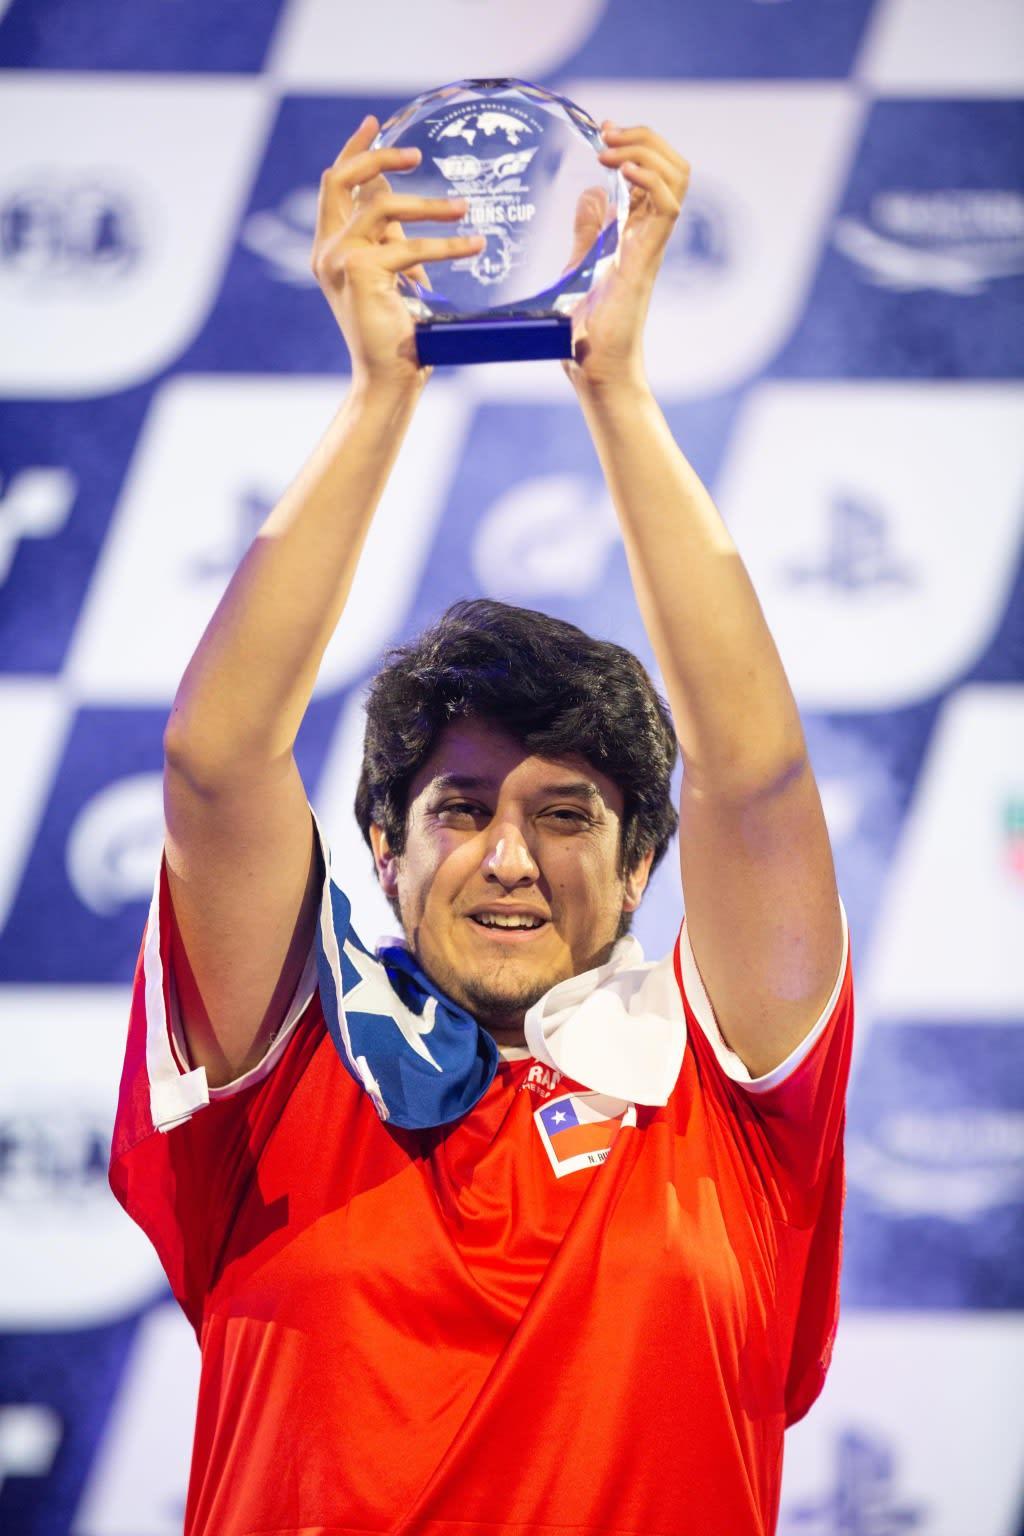 Gran Turismo győztes